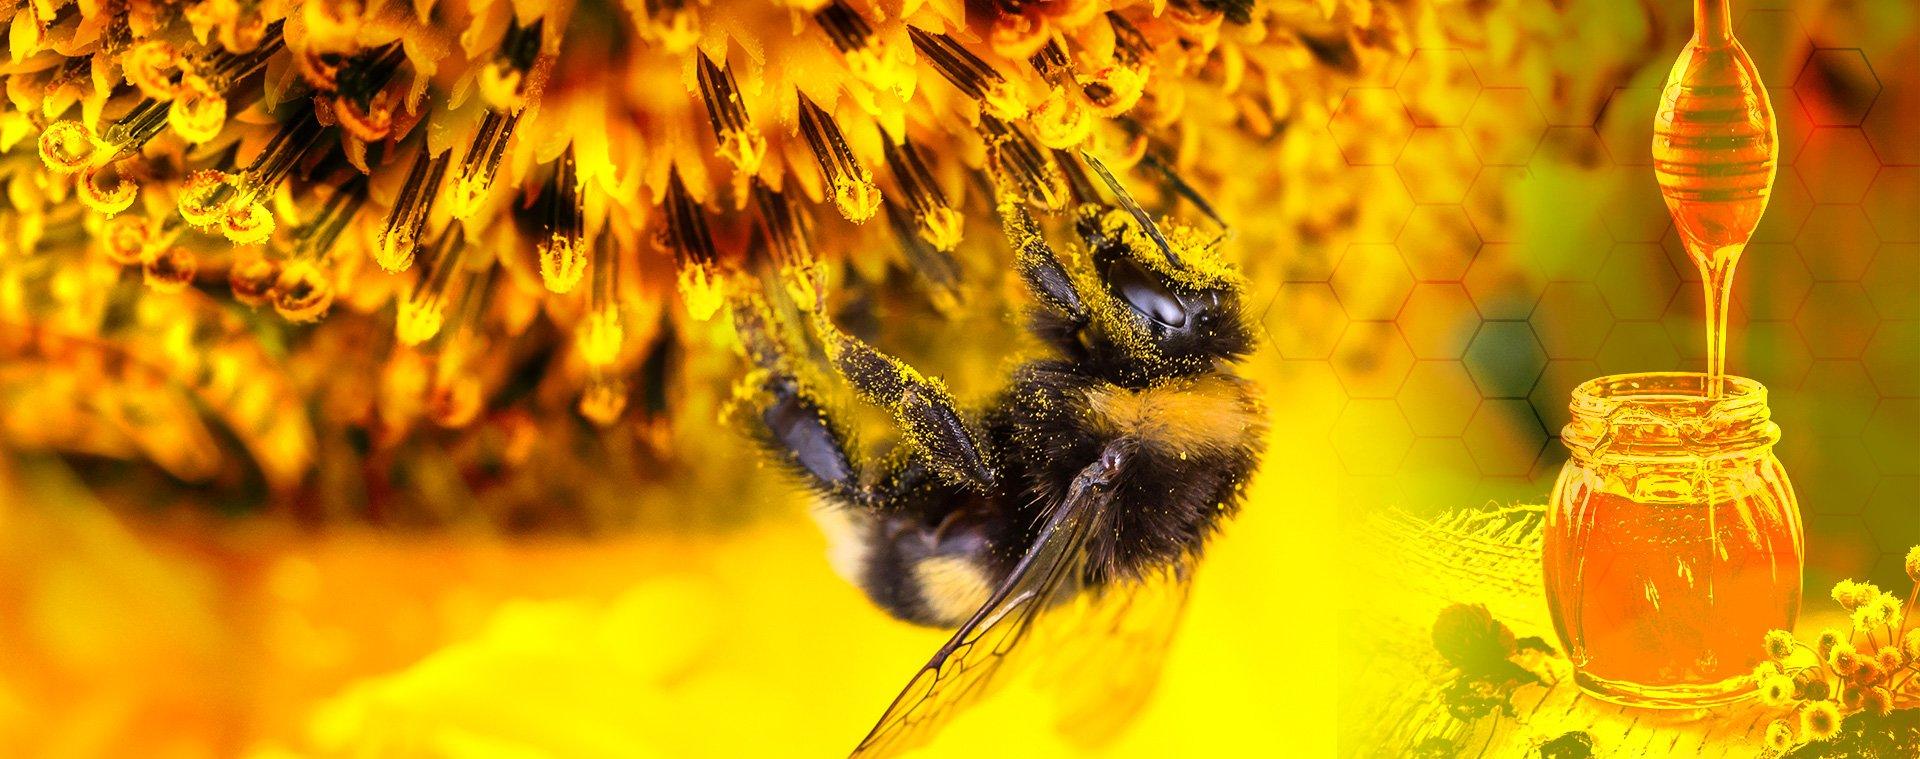 miel natural de abeja